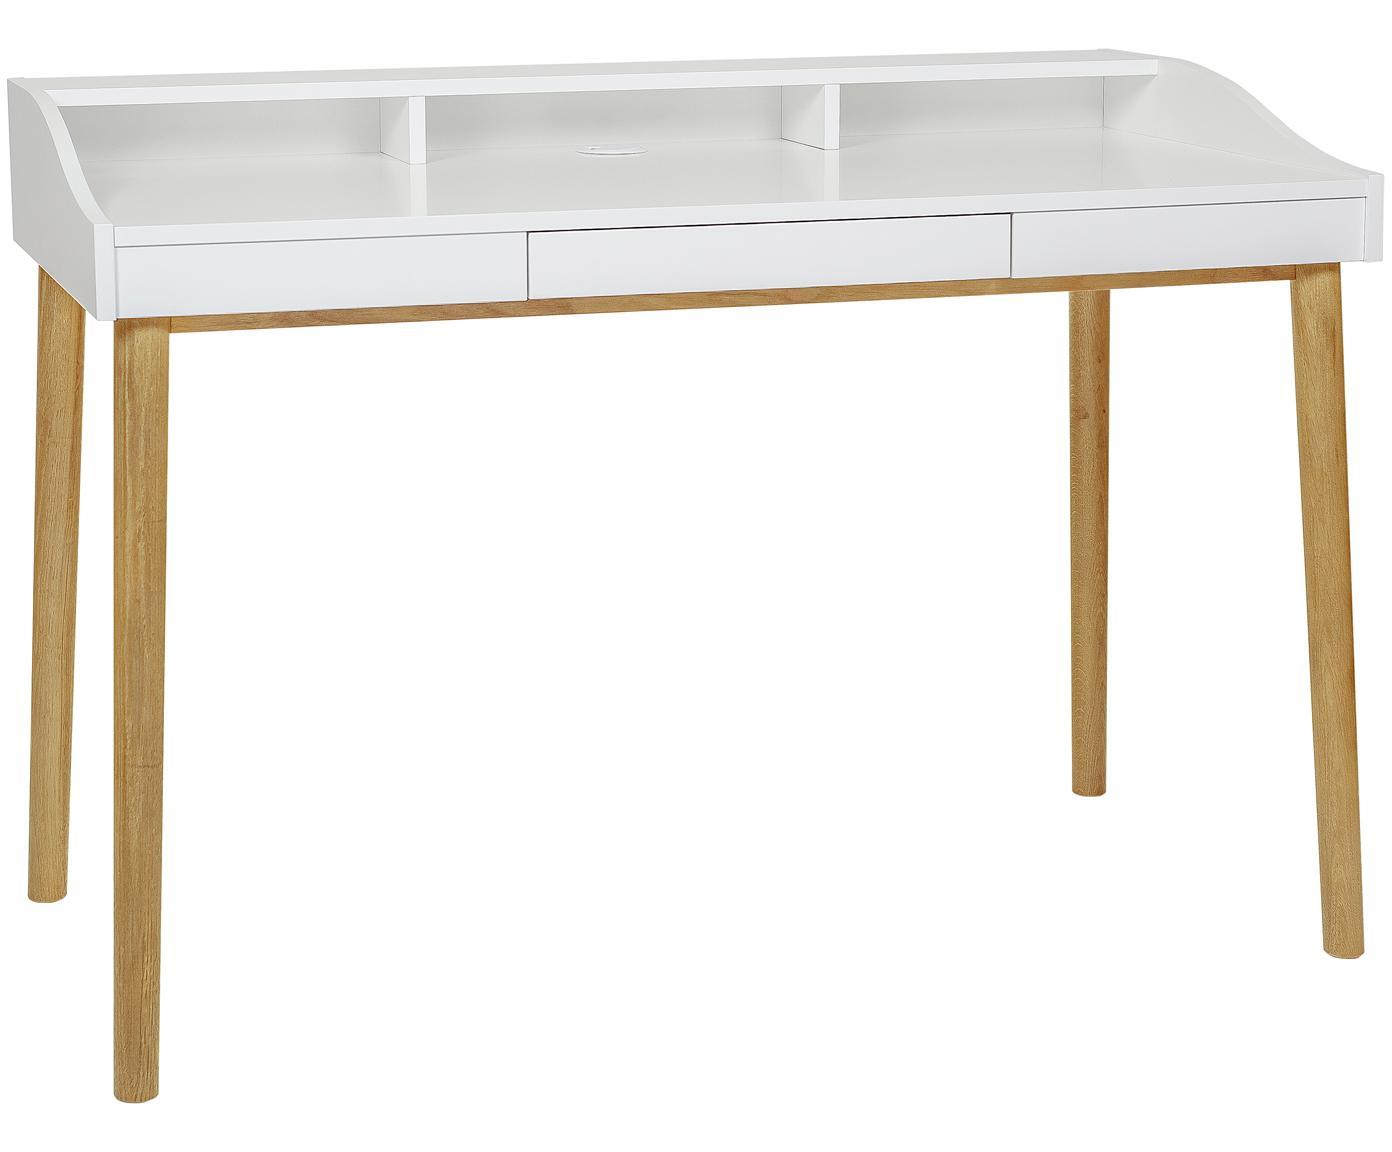 Biurko z małą szufladą Lindenhof, Nogi: drewno dębowe, lakierowan, Blat i półka: biały<br>Nogi: drewno dębowe, S 120 x W 84 cm